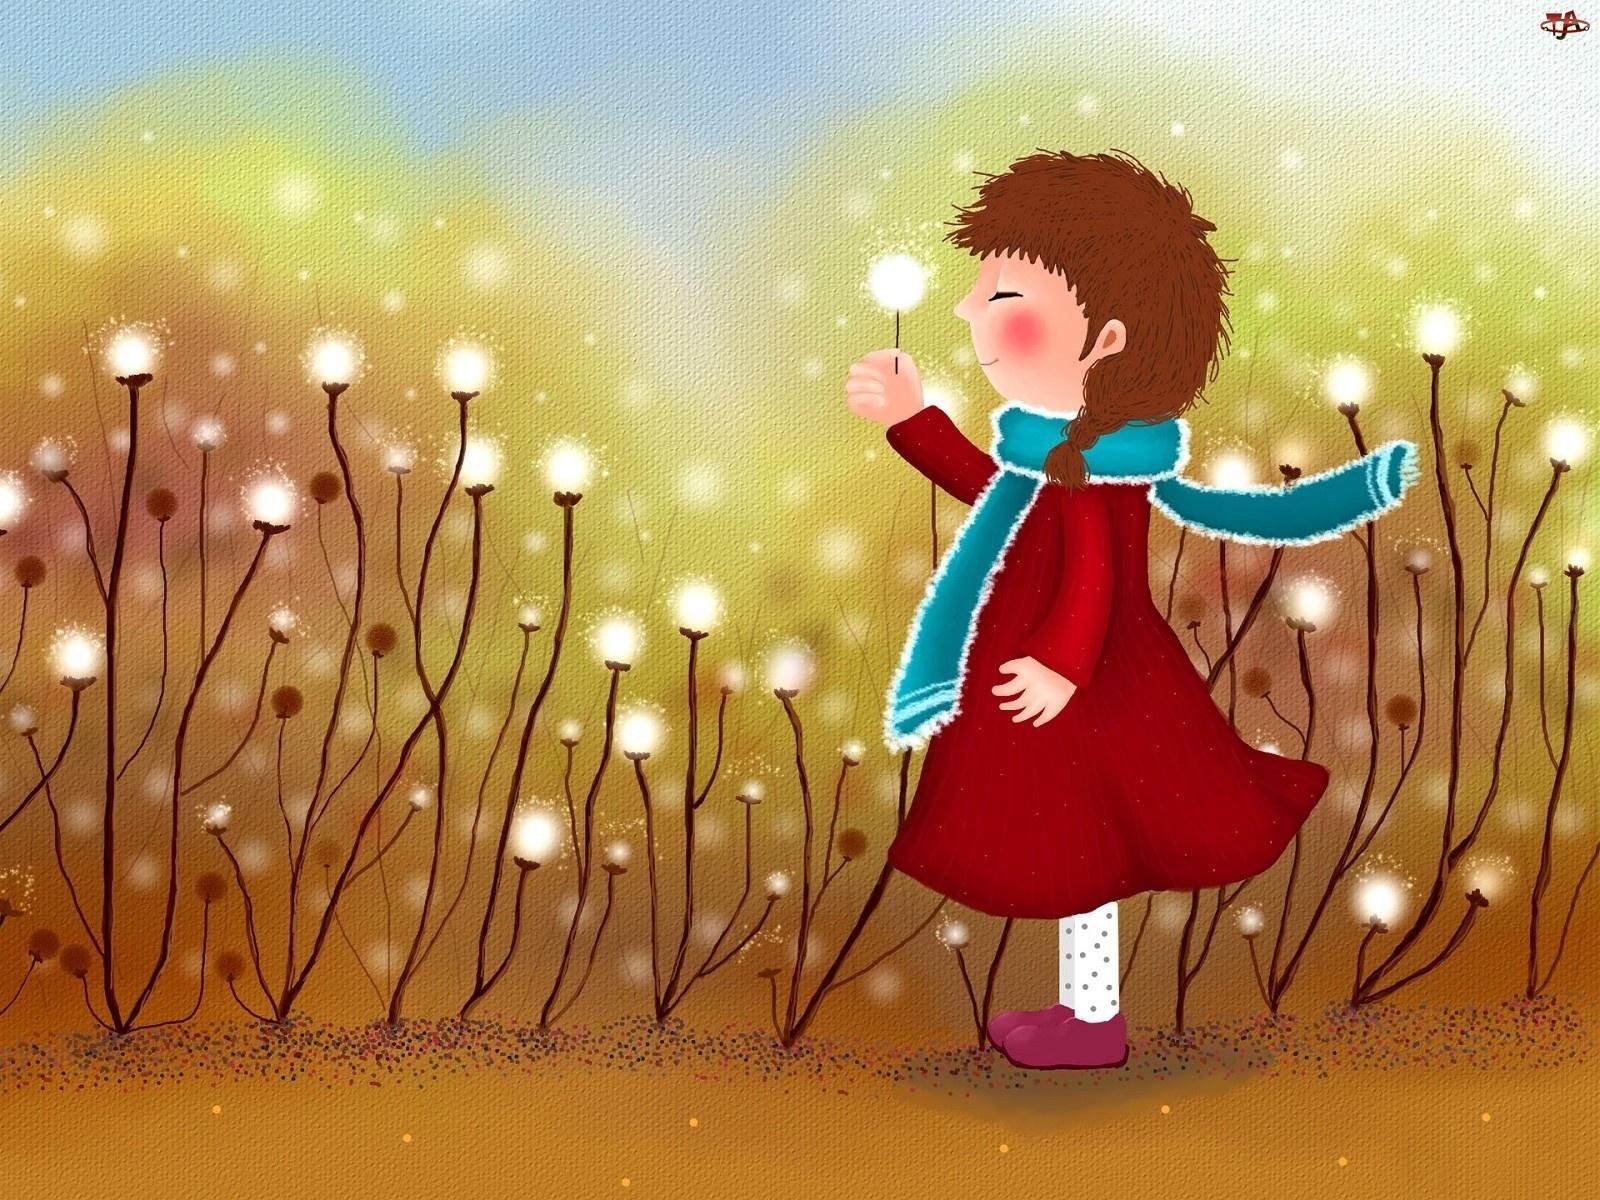 Kwiaty, Dziecko, Łąka